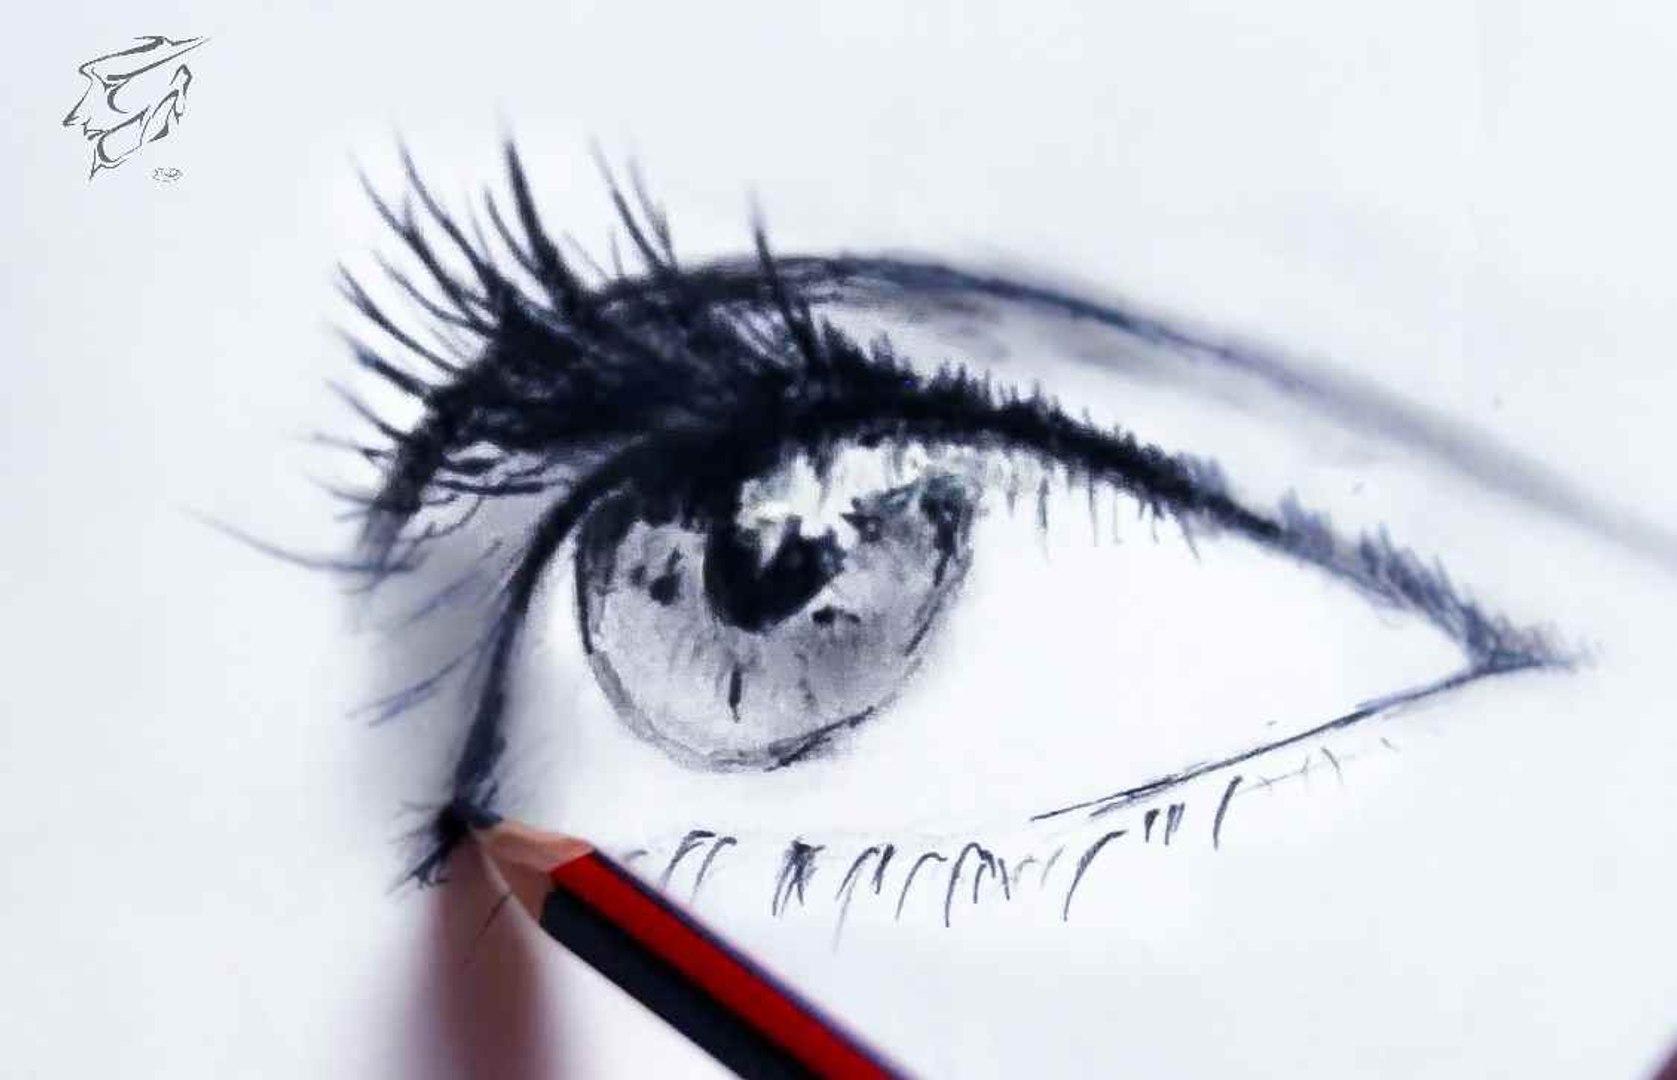 كيف ترسم عين كيف ترسم مستقبلك